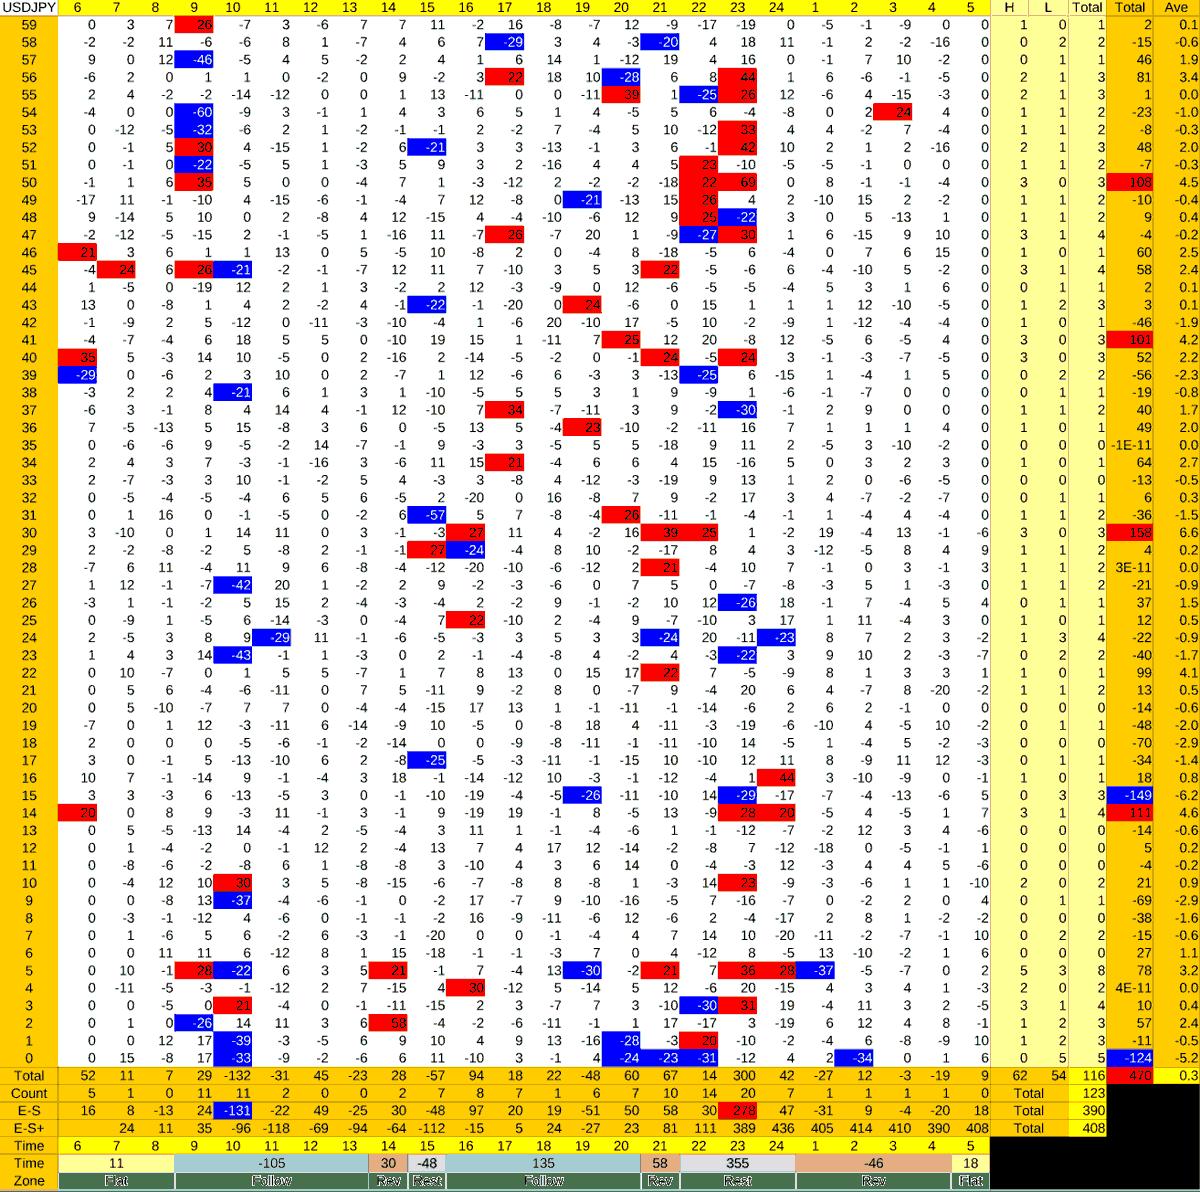 20210430_HS(1)USDJPY